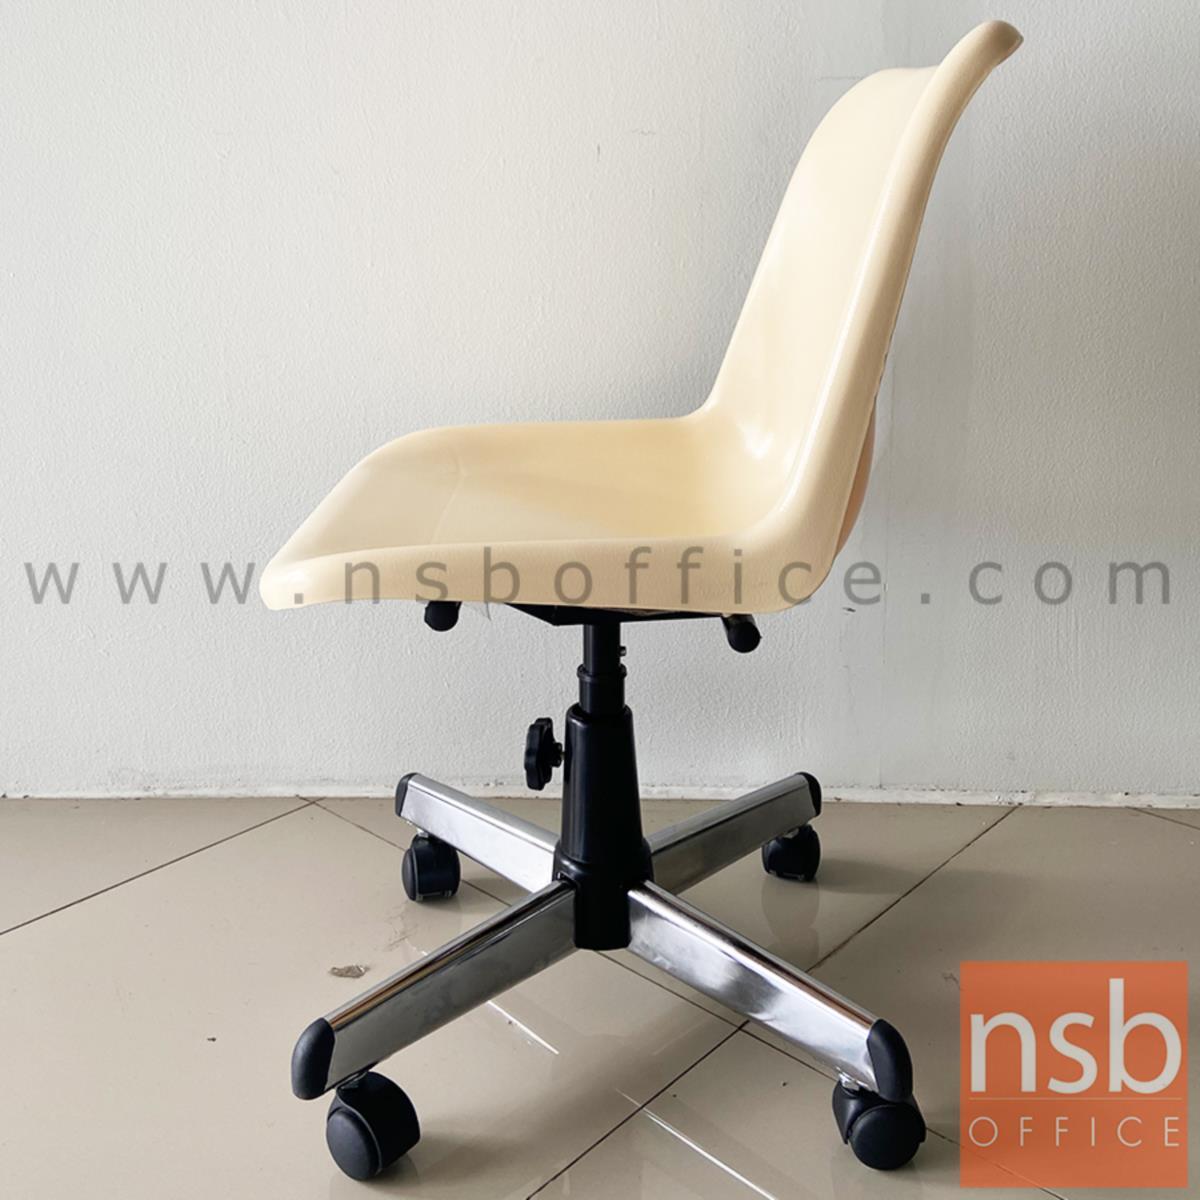 เก้าอี้อเนกประสงค์เฟรมโพลี่ รุ่น Harold (แฮร์โรลด์)  ขาเหล็กชุบโครเมี่ยม